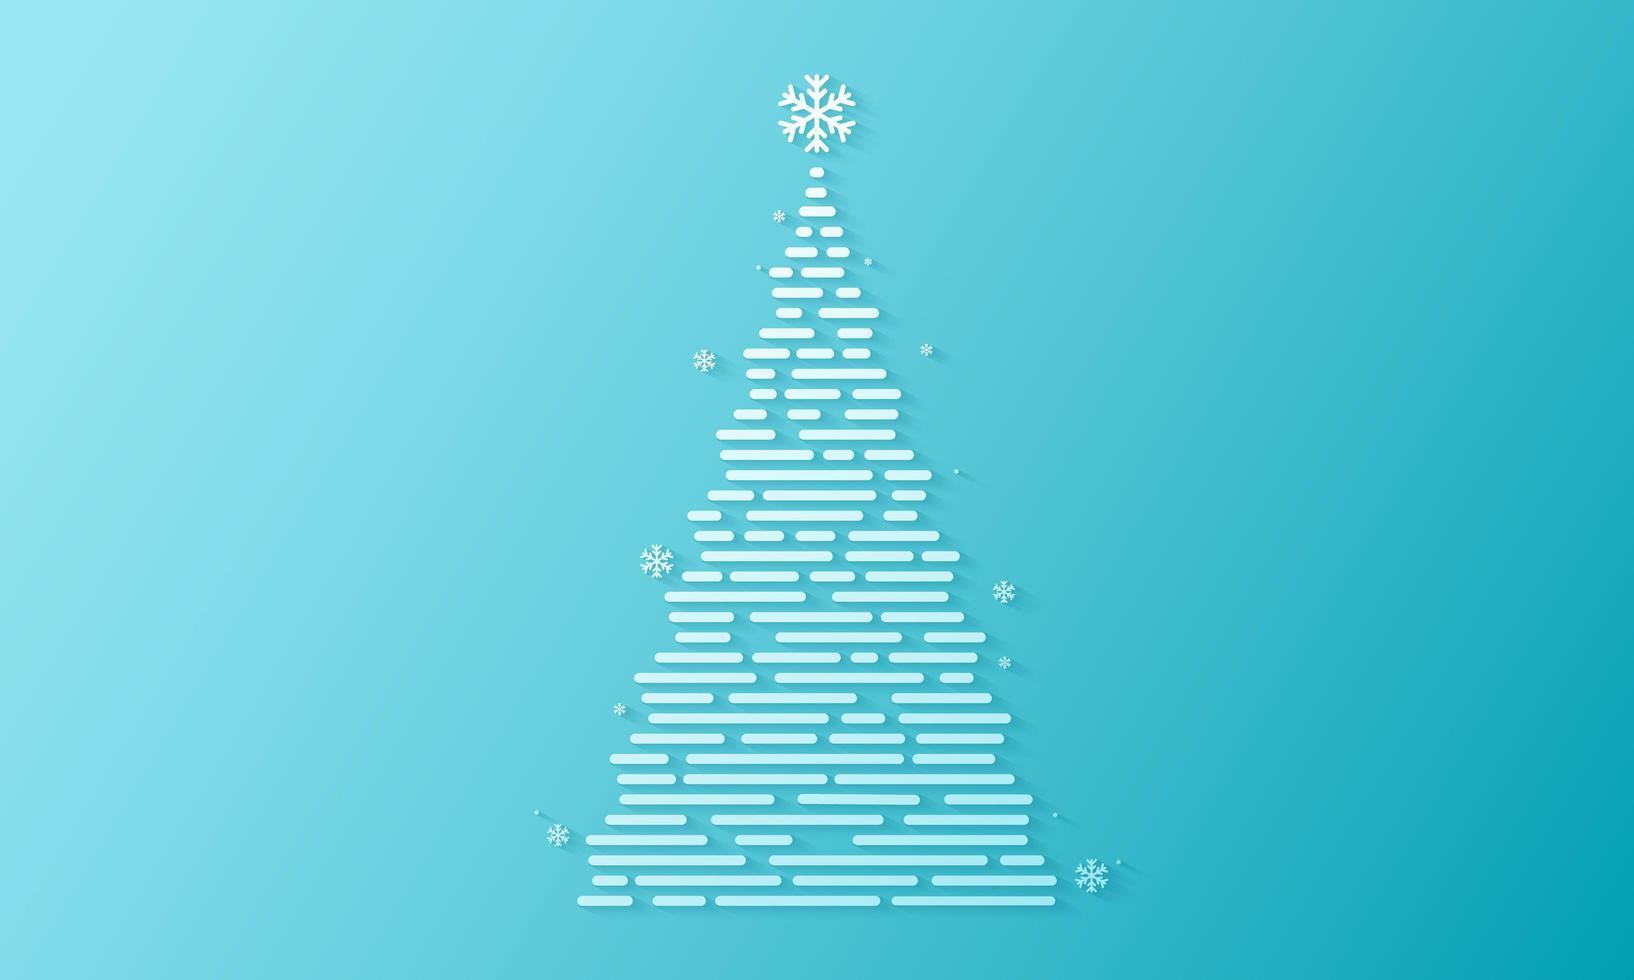 desenho de árvore branca de natal em gradiente azul vetor